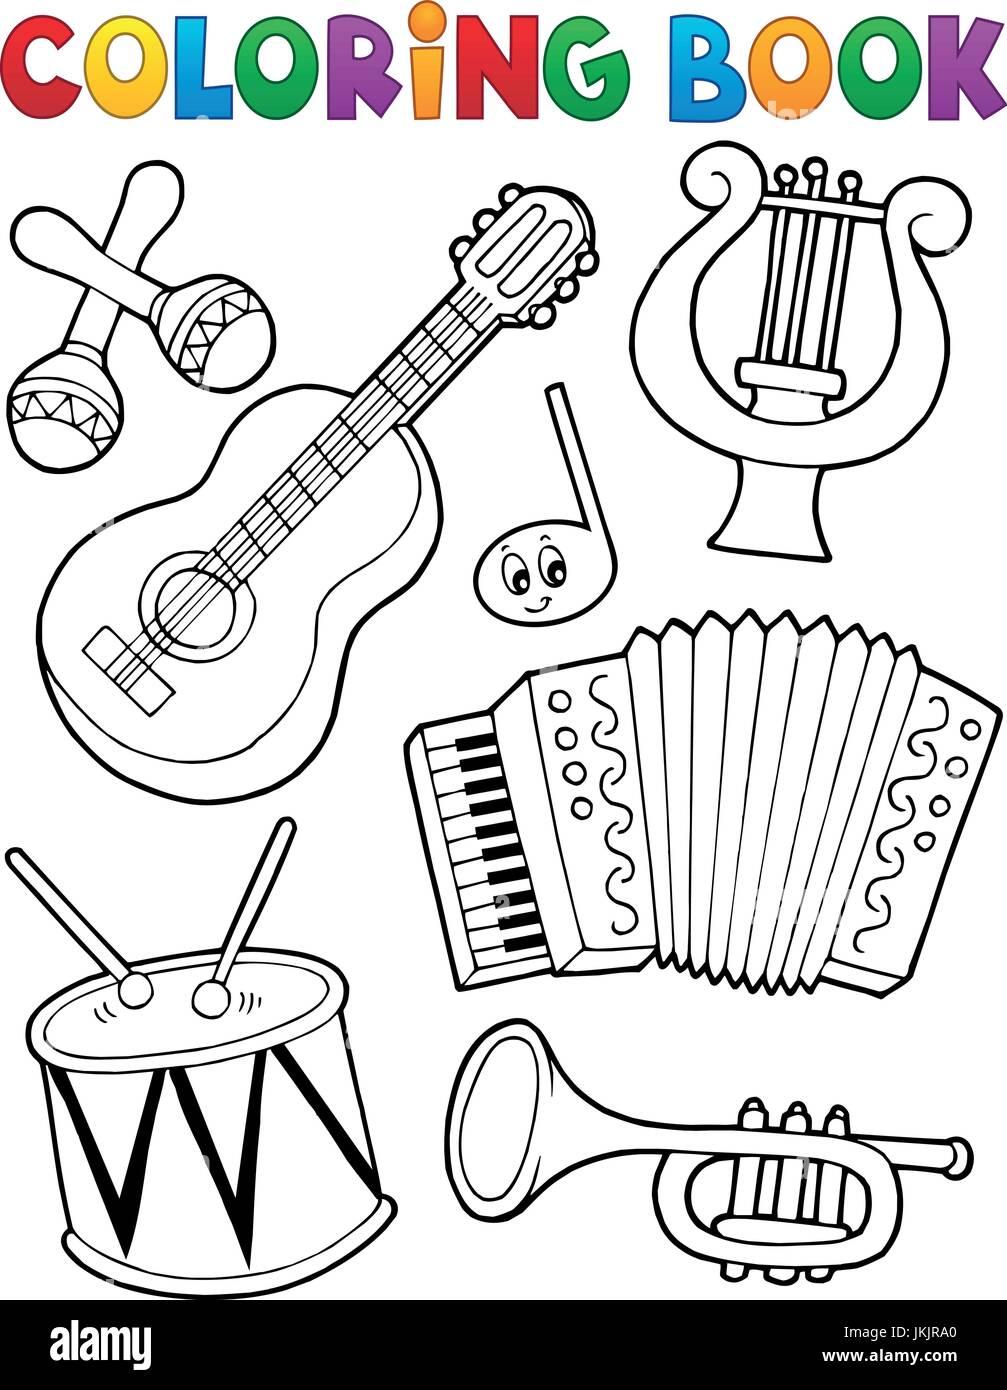 Wunderbar Malvorlagen Musikinstrumente Galerie - Malvorlagen Ideen ...